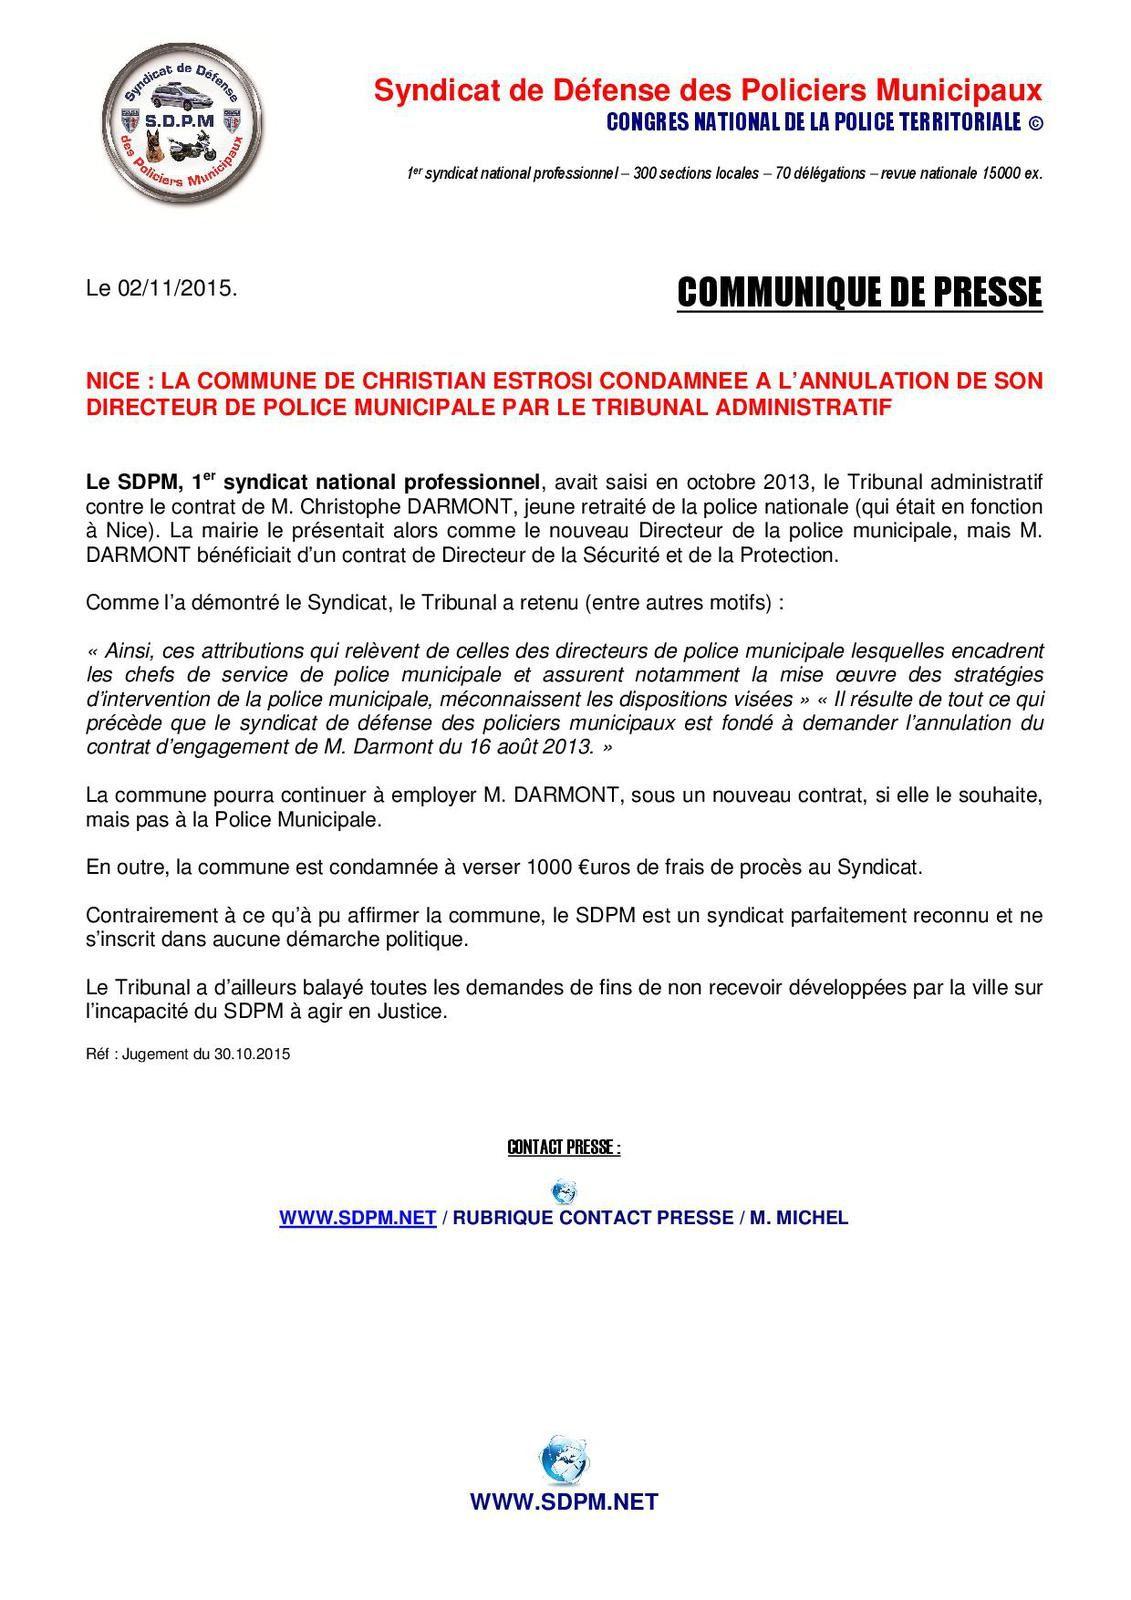 Communiqué / Nice : la mairie a été condamnée à l'annulation de son Directeur de Police Municipale (MAJ du 02/11/2015)